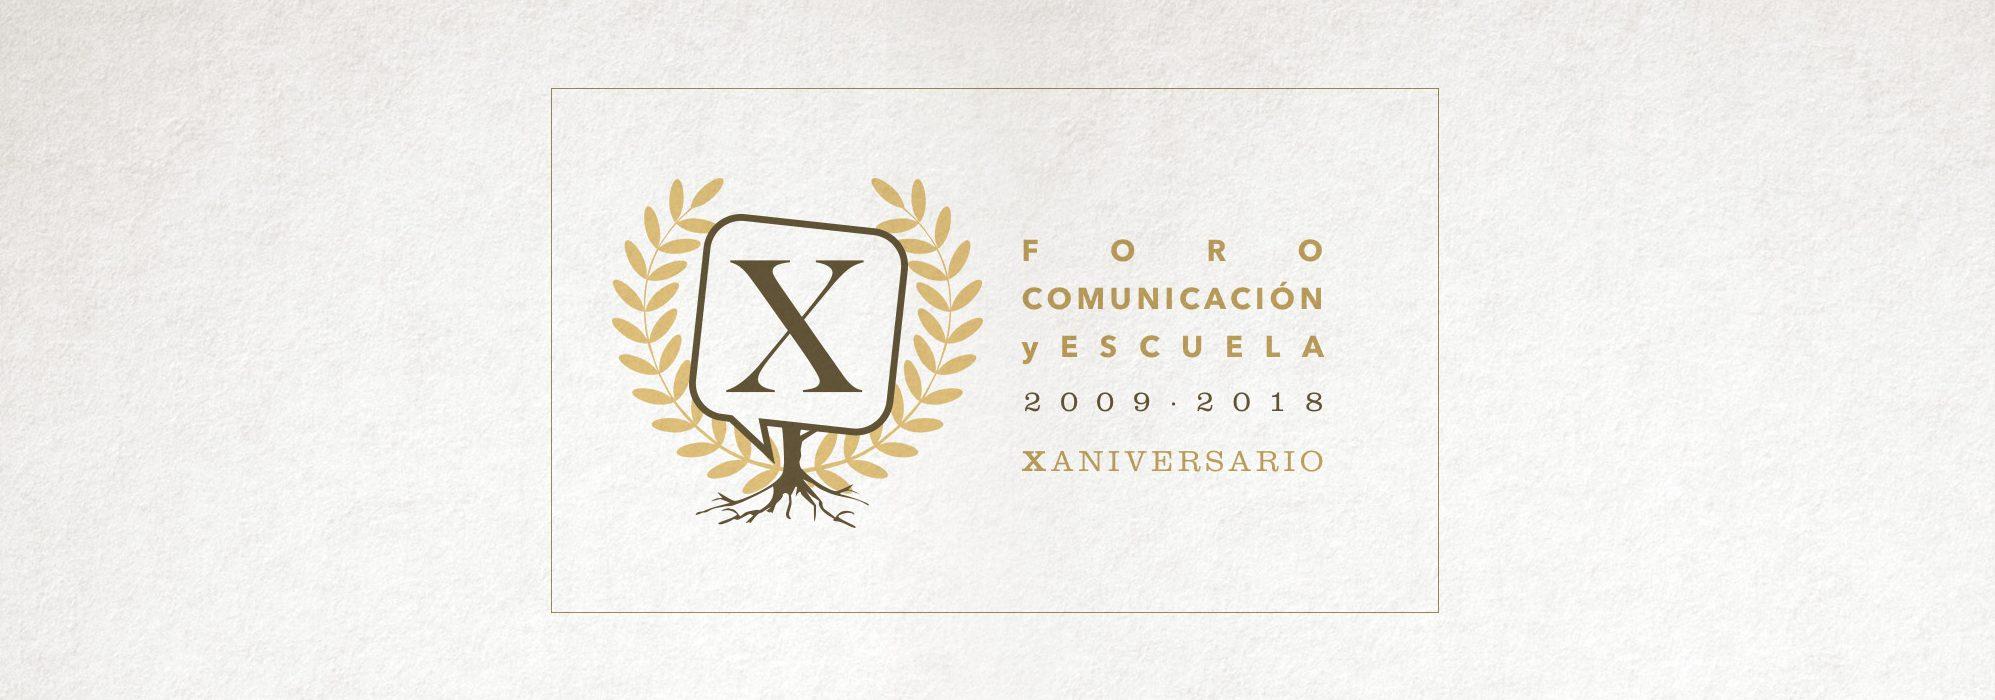 X Foro Comunicación y Escuela